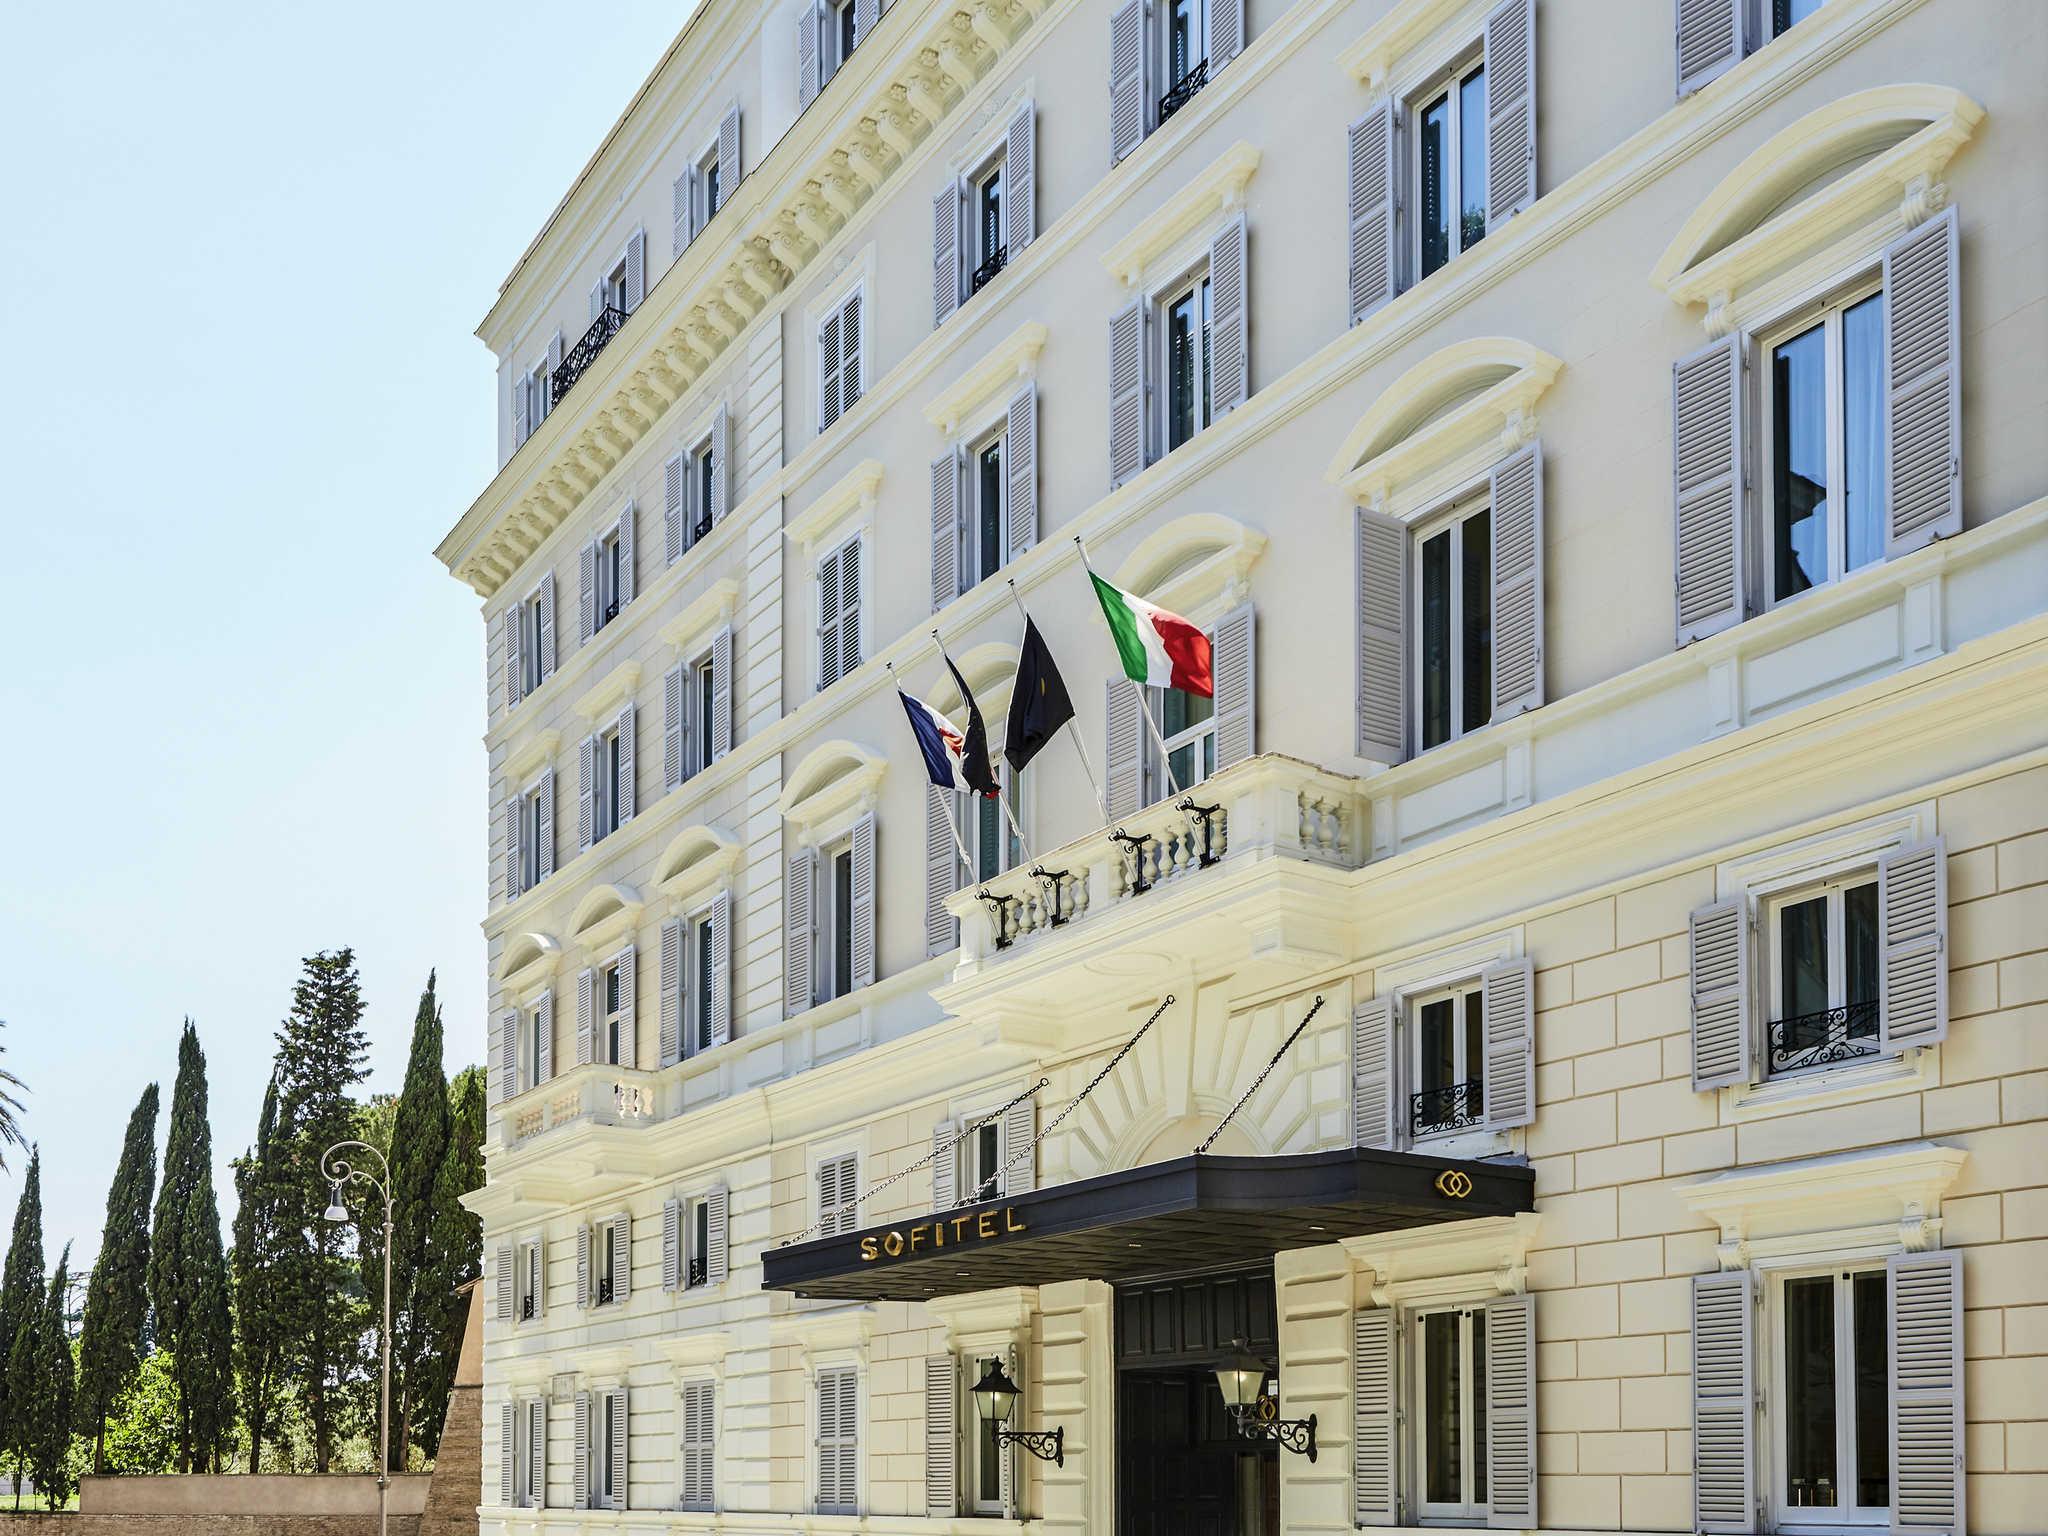 酒店 – 罗马索菲特酒店(全套翻新,将于 2019 年 3 月重新营业)